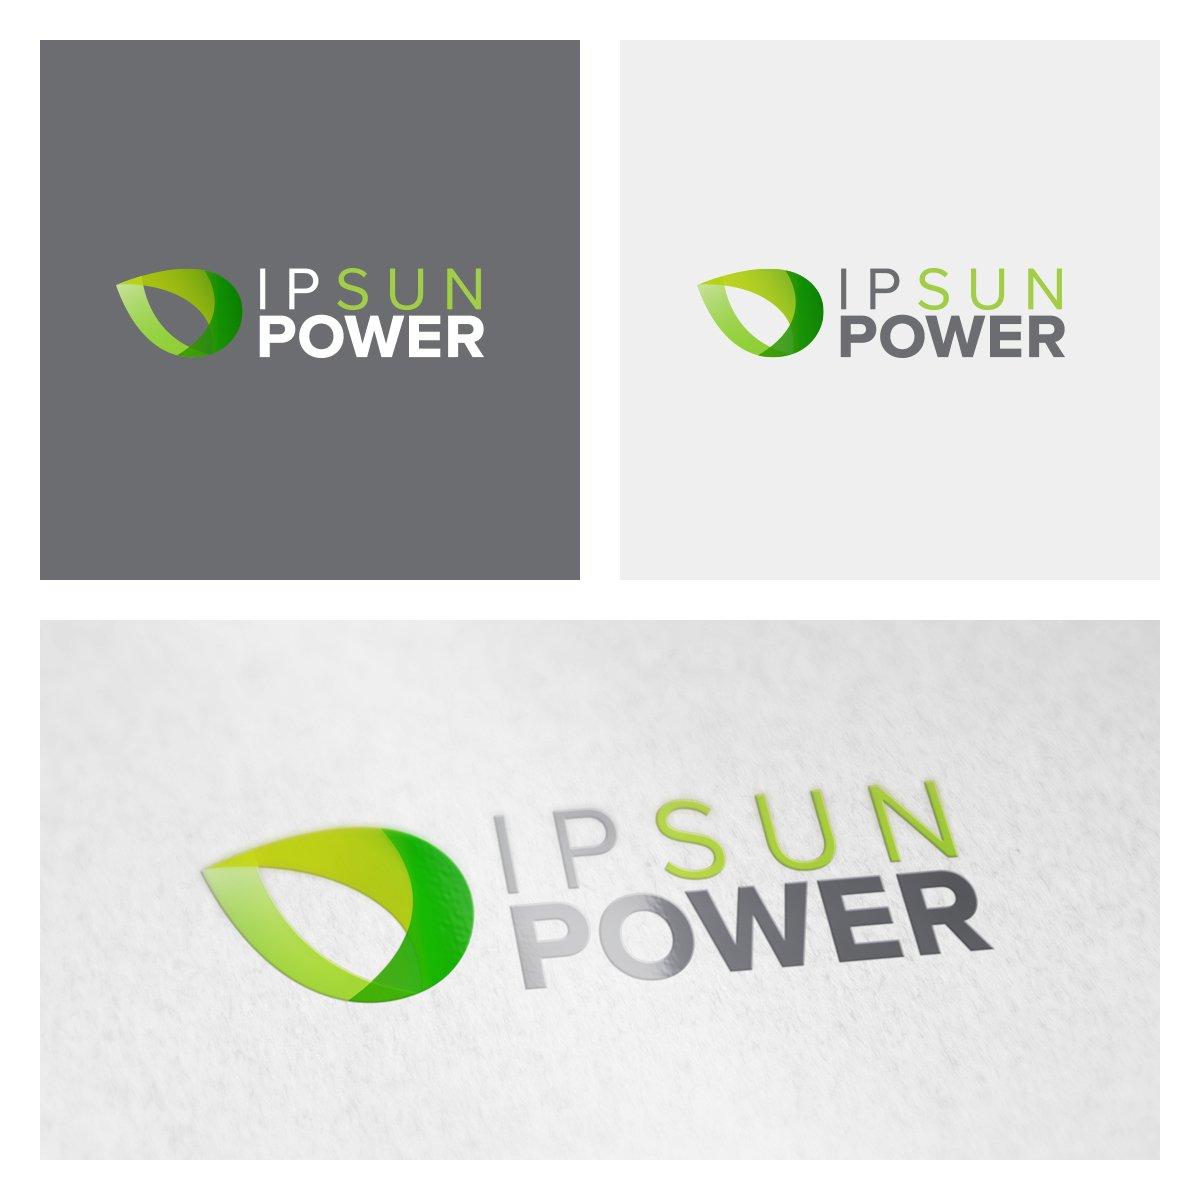 ipsun-power-multiple